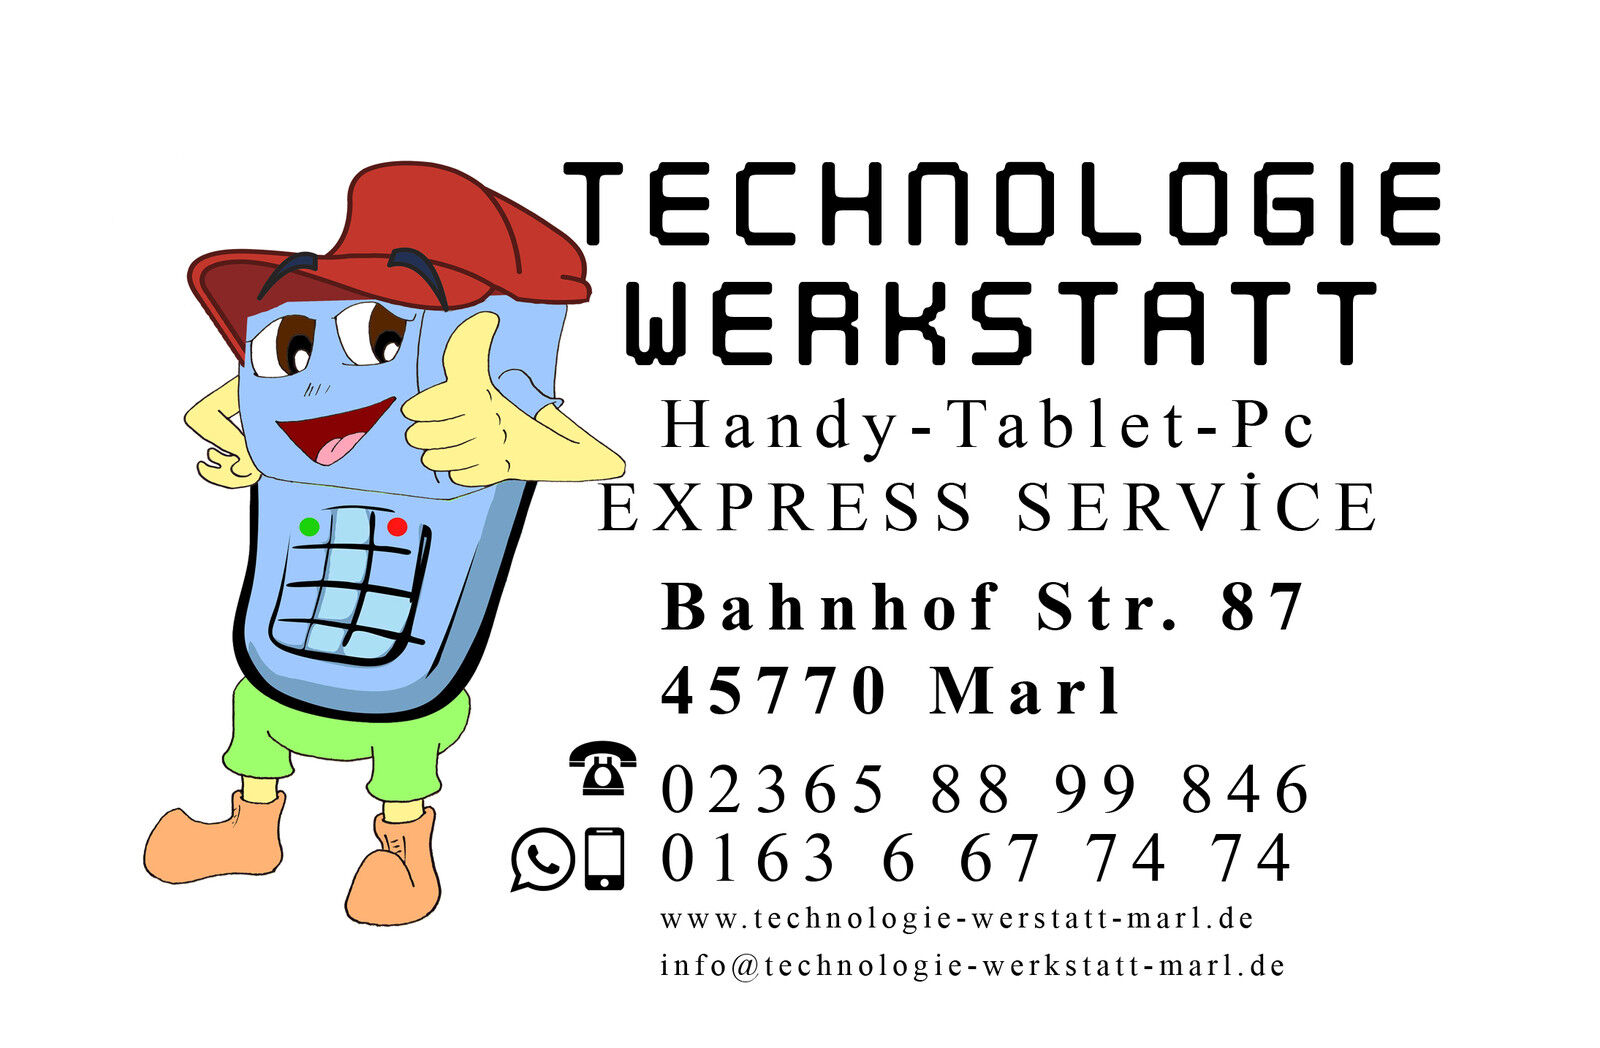 Technologie Werkstatt Marl